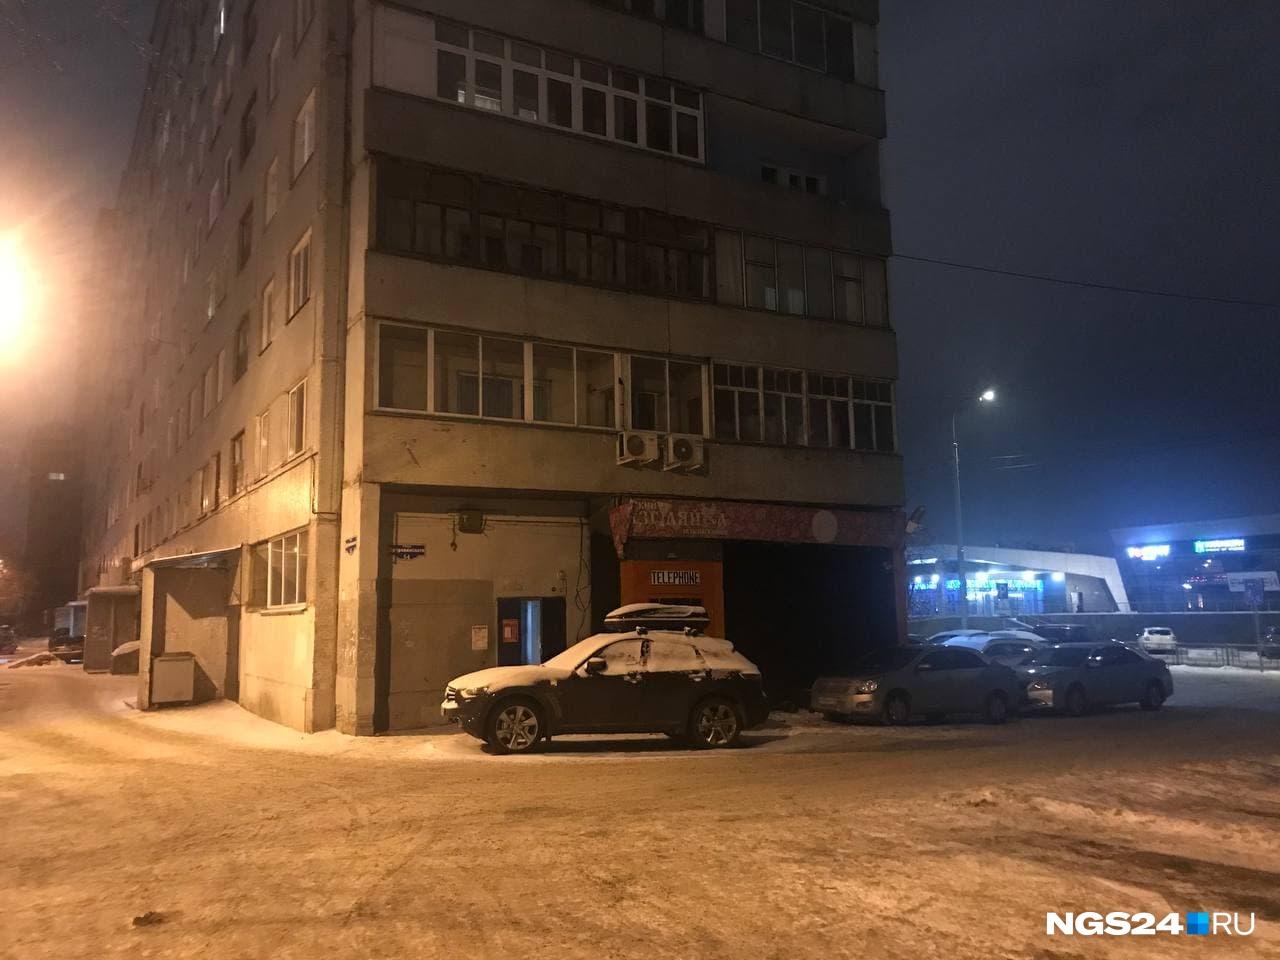 Жильцы говорят, что погибший был заслуженным работником творческой профессии, но вот близких родственников в городе у него не осталось